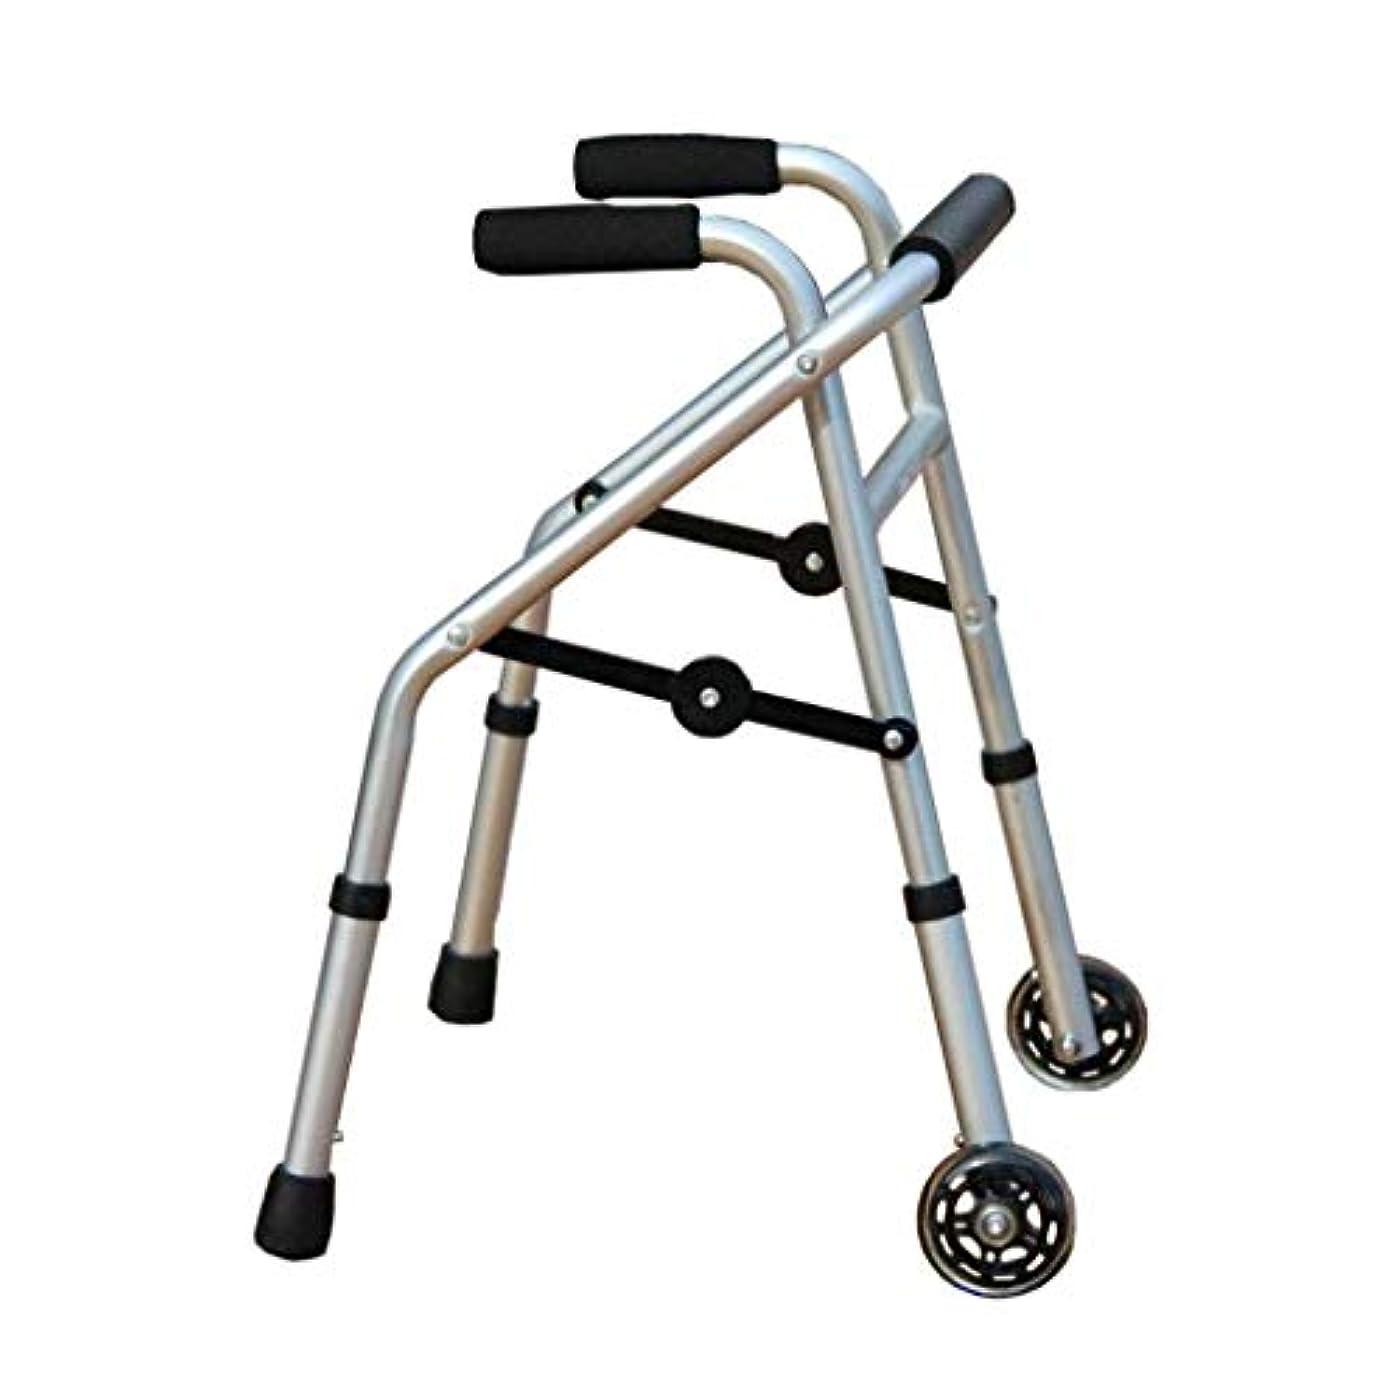 方程式栄光のシャーロットブロンテ子供用ウォーキングフレーム、軽量折りたたみ式歩行器、高さ調節可能子供用